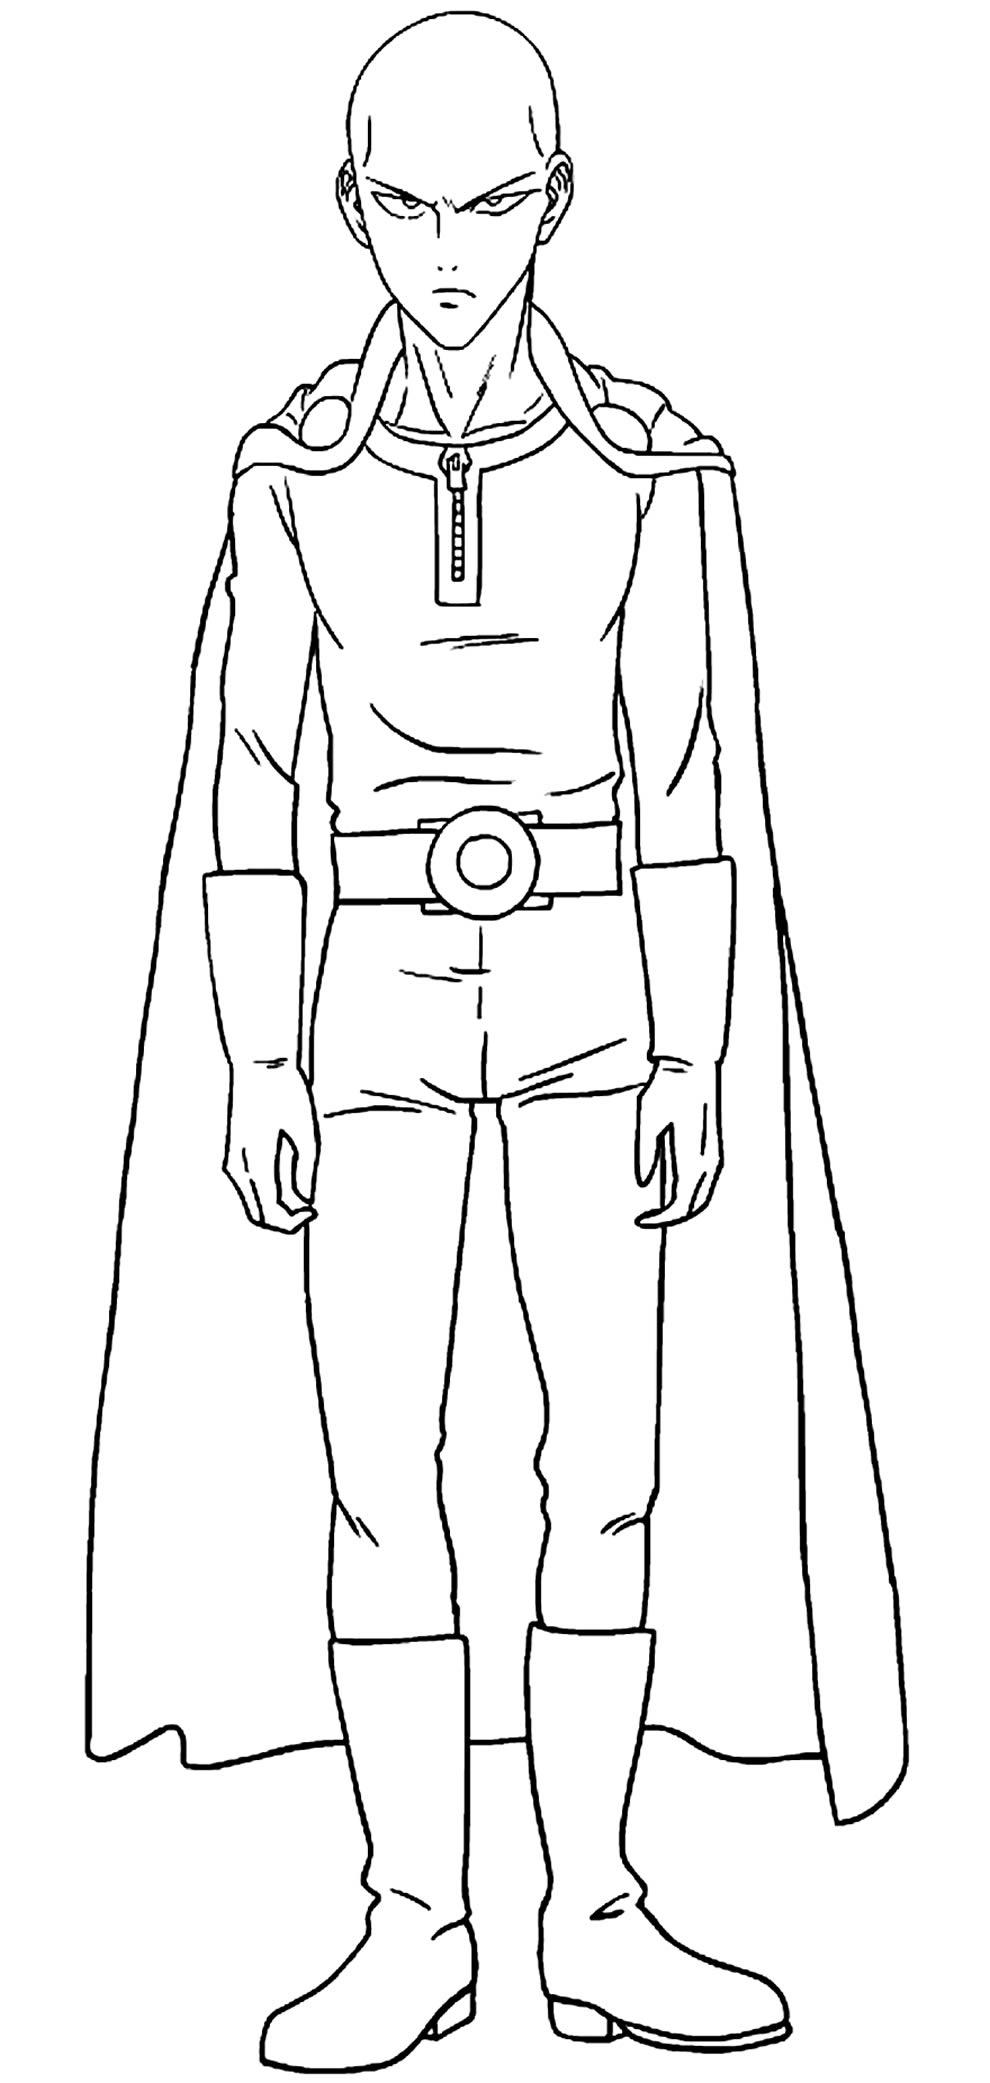 Desenho de Saitama para pintar